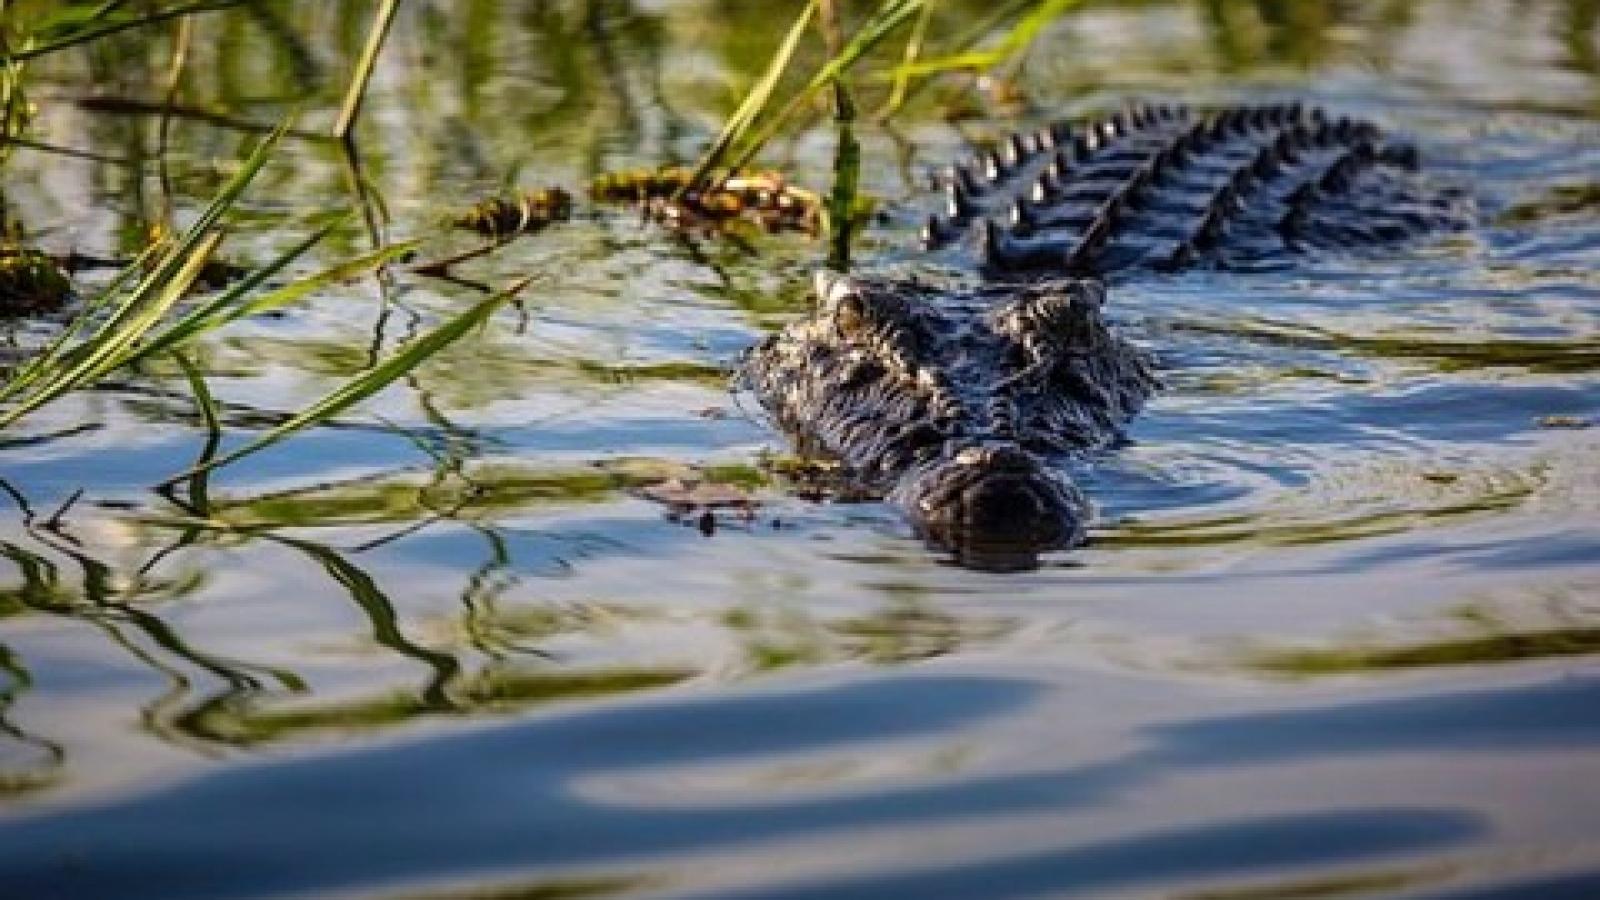 Nhận tin cá sấu xuất hiện trên sông Sài Gòn, Quận 12 phát cảnh báo đến dân